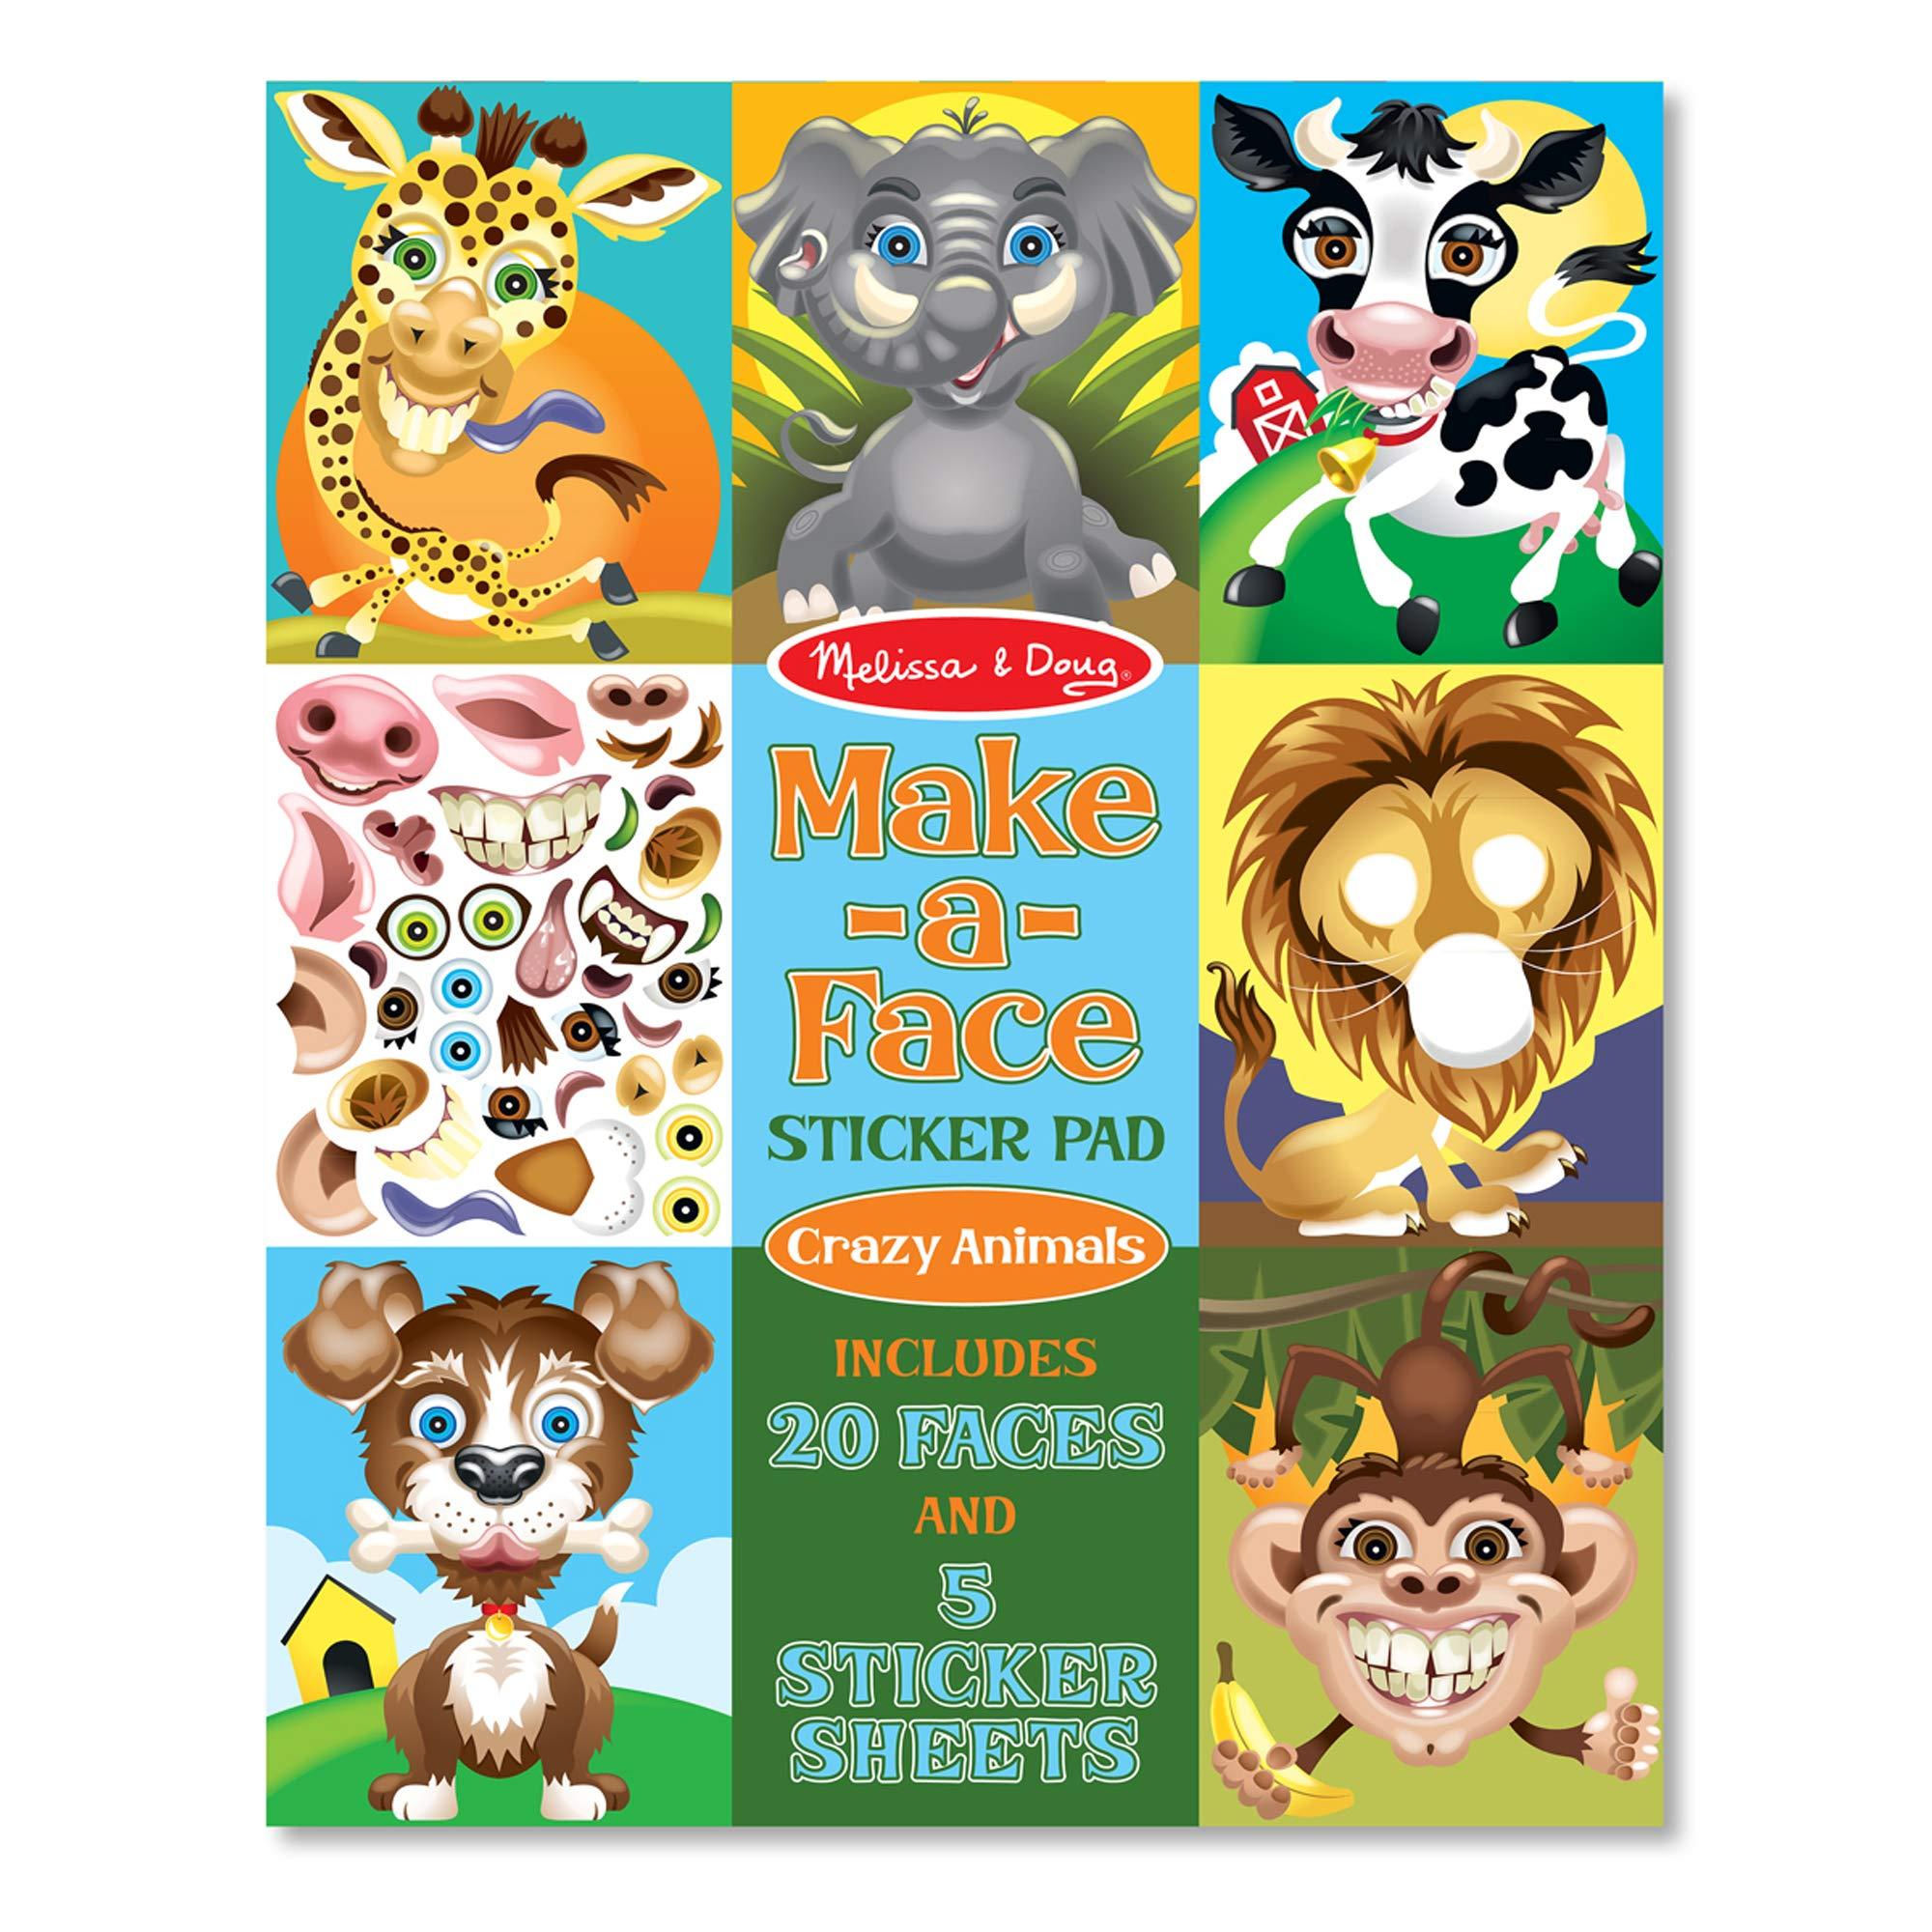 Melissa & Doug Make-a-Face Sticker Pad – Crazy Animals